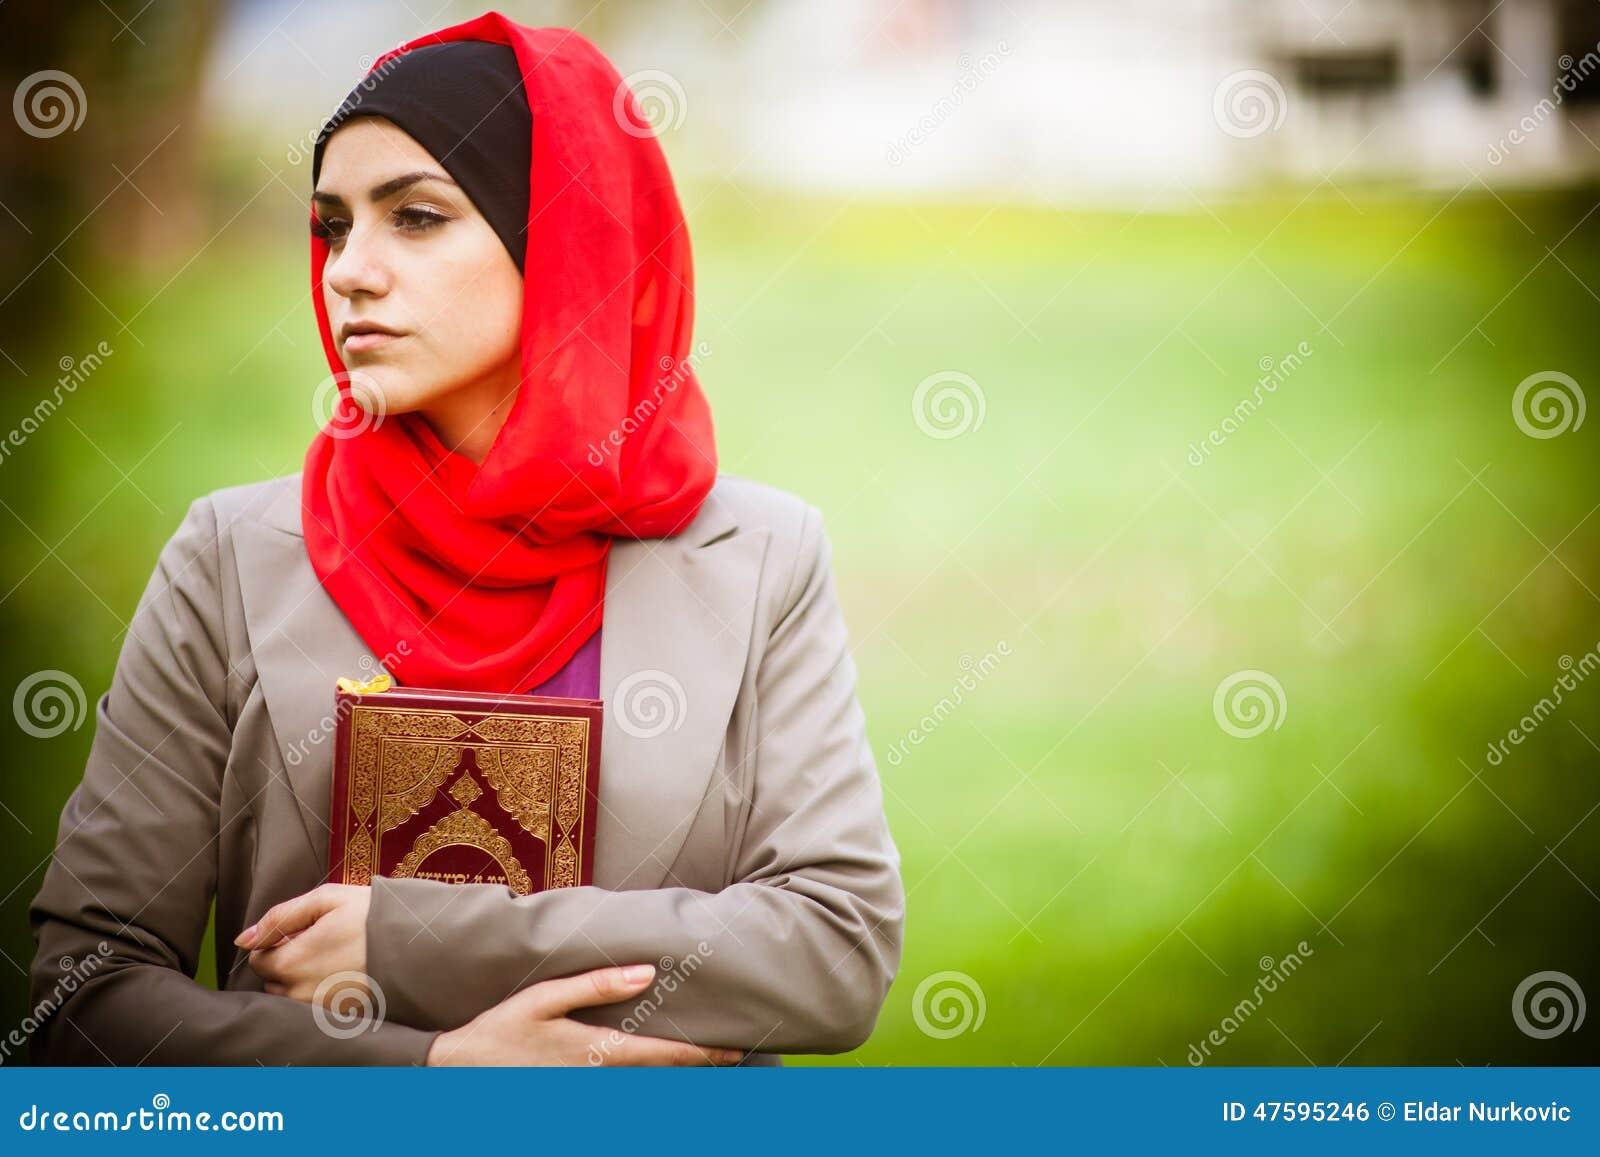 Piękna muzułmańska kobieta jest ubranym hijab i trzyma świętą księgę Koraniczna